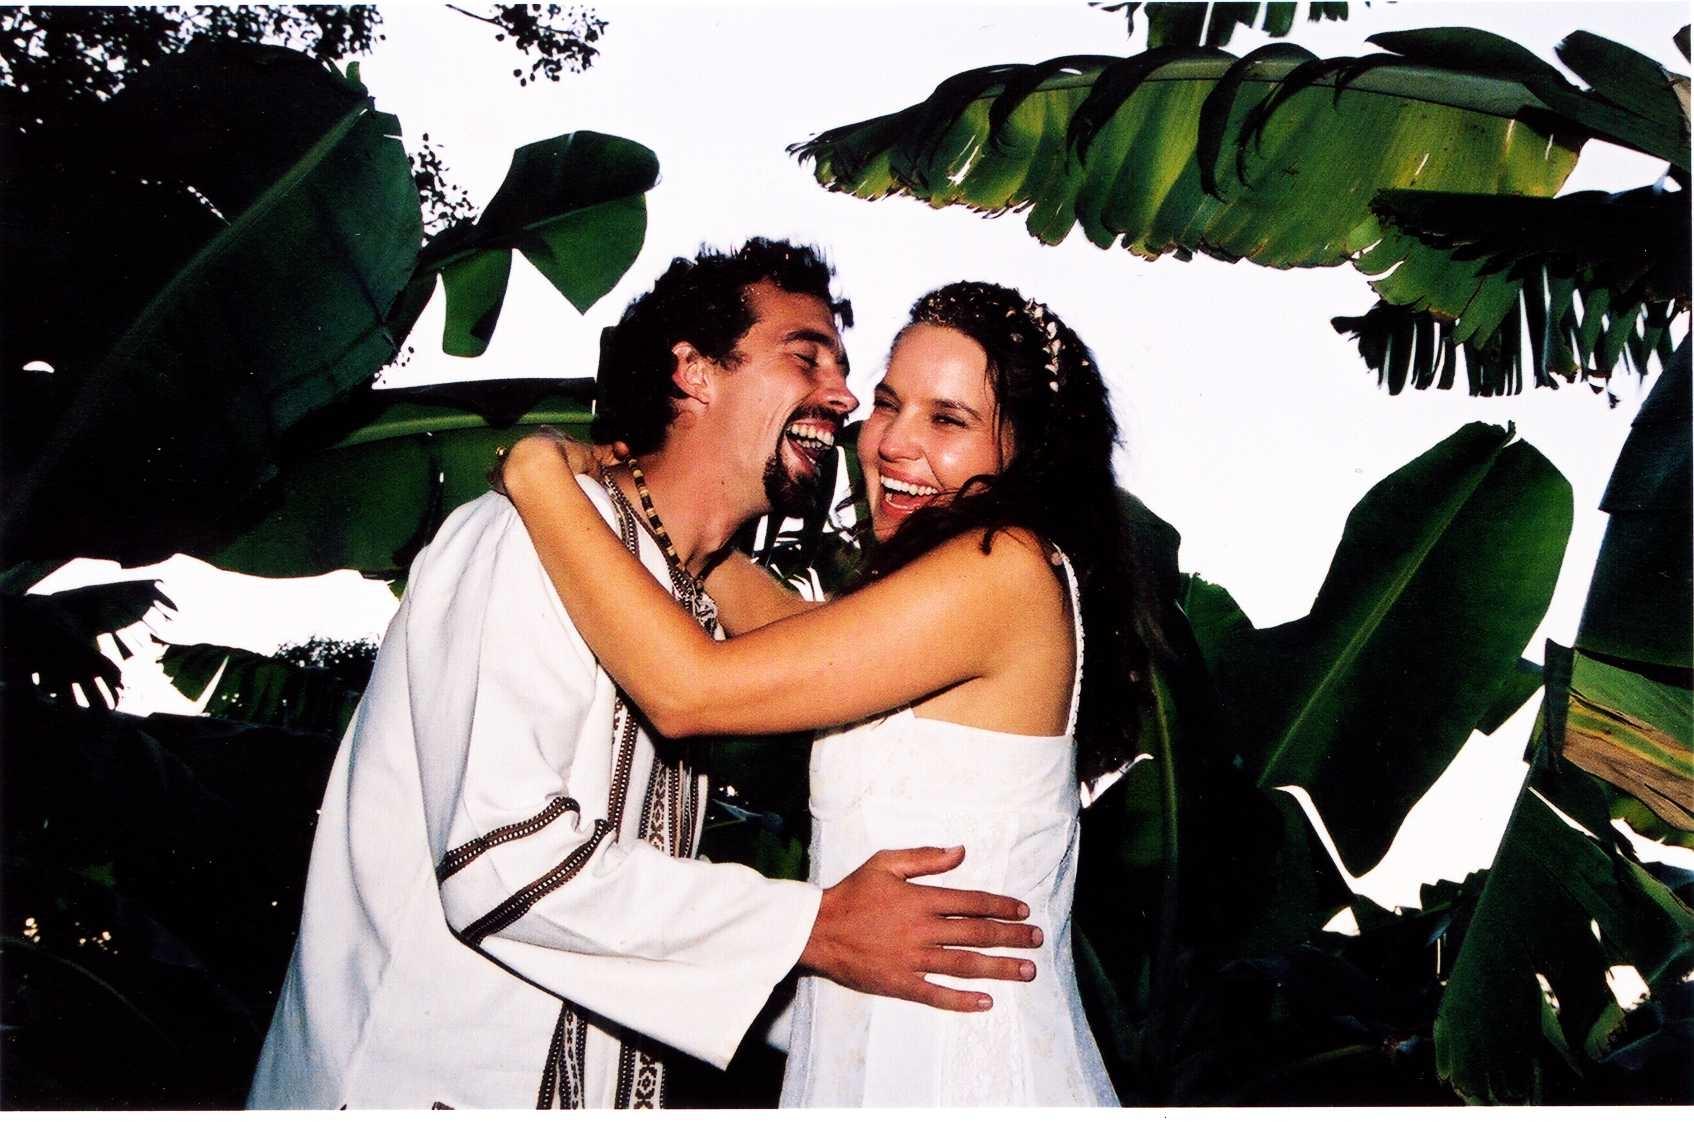 Carina & Gerrit van Niekerk met hulle troufees in 2003, op die plaas waar sy grootgeword het.